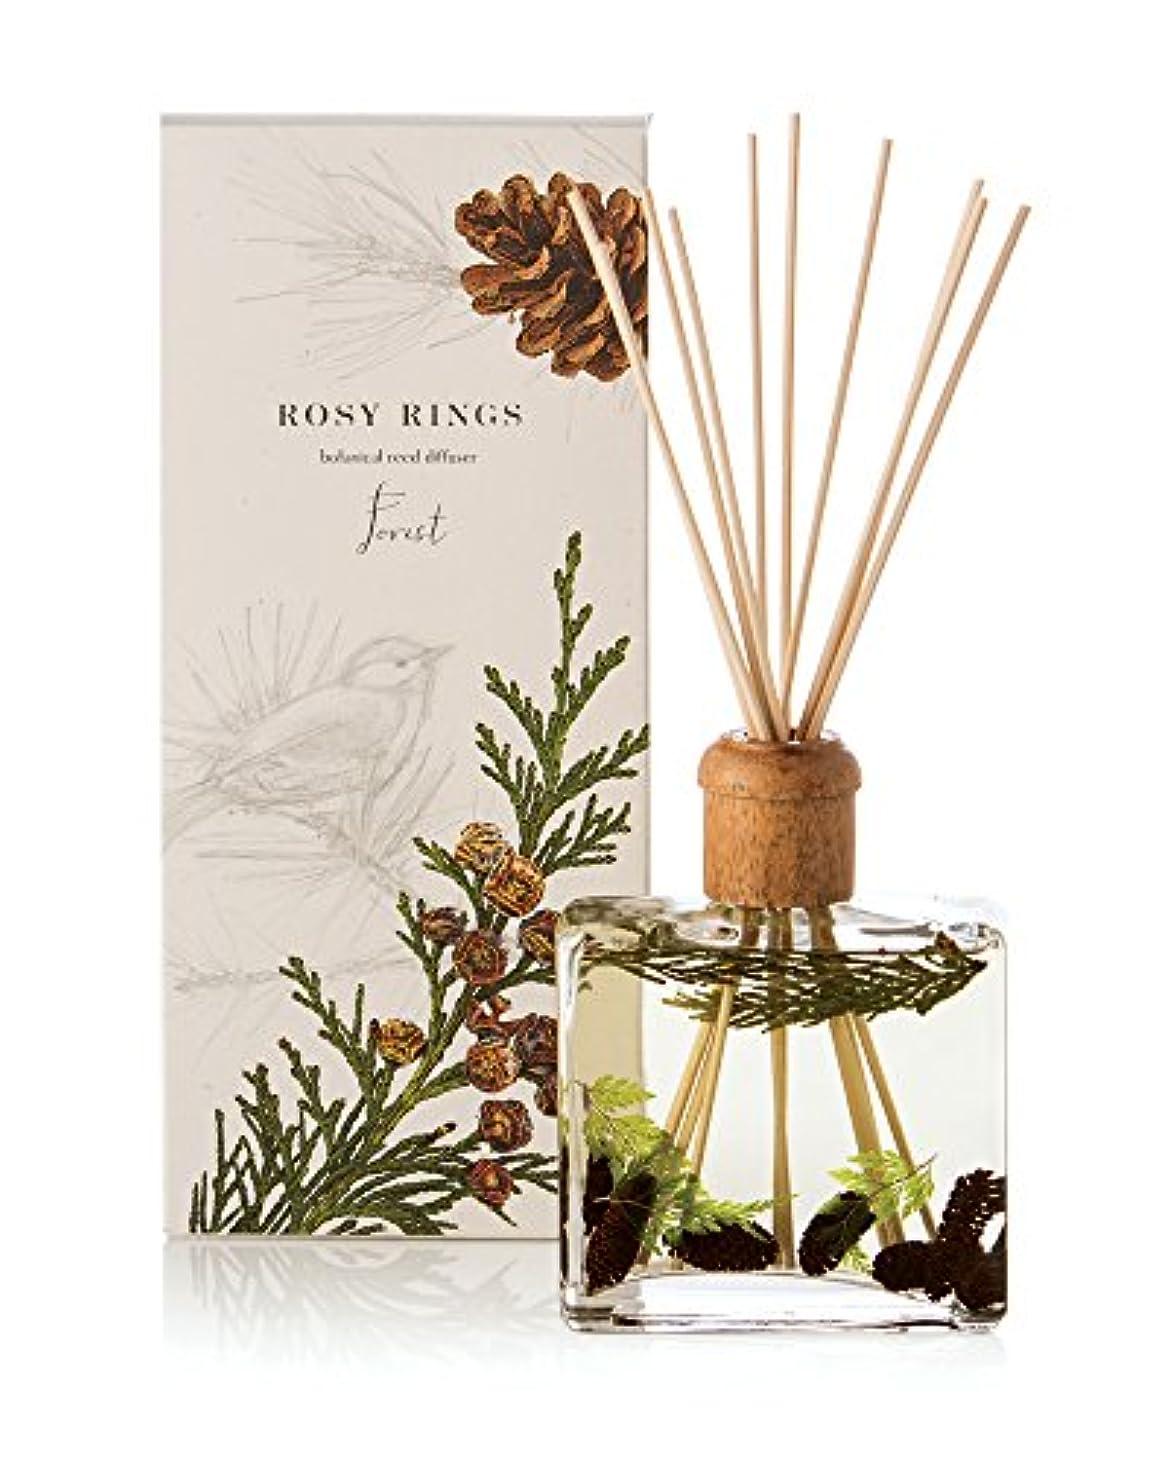 慣性ノミネート鳥ロージーリングス ボタニカルリードディフューザー フォレスト ROSY RINGS Signature Collection Botanical Reed Diffuser – Forest